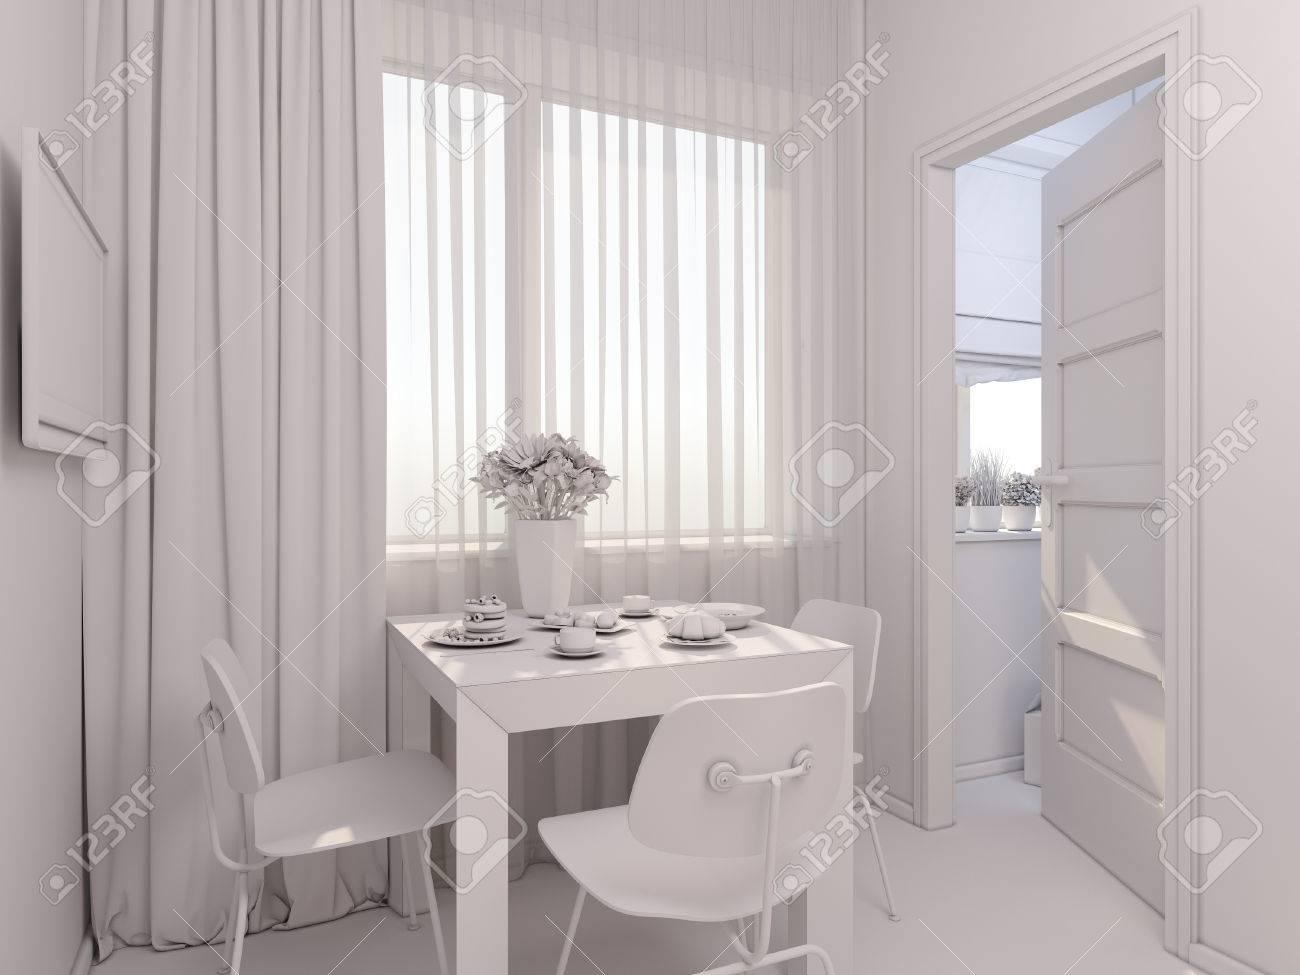 3D Render Of Interior Design Kitchen In A Studio Apartment Modern Minimalist Style